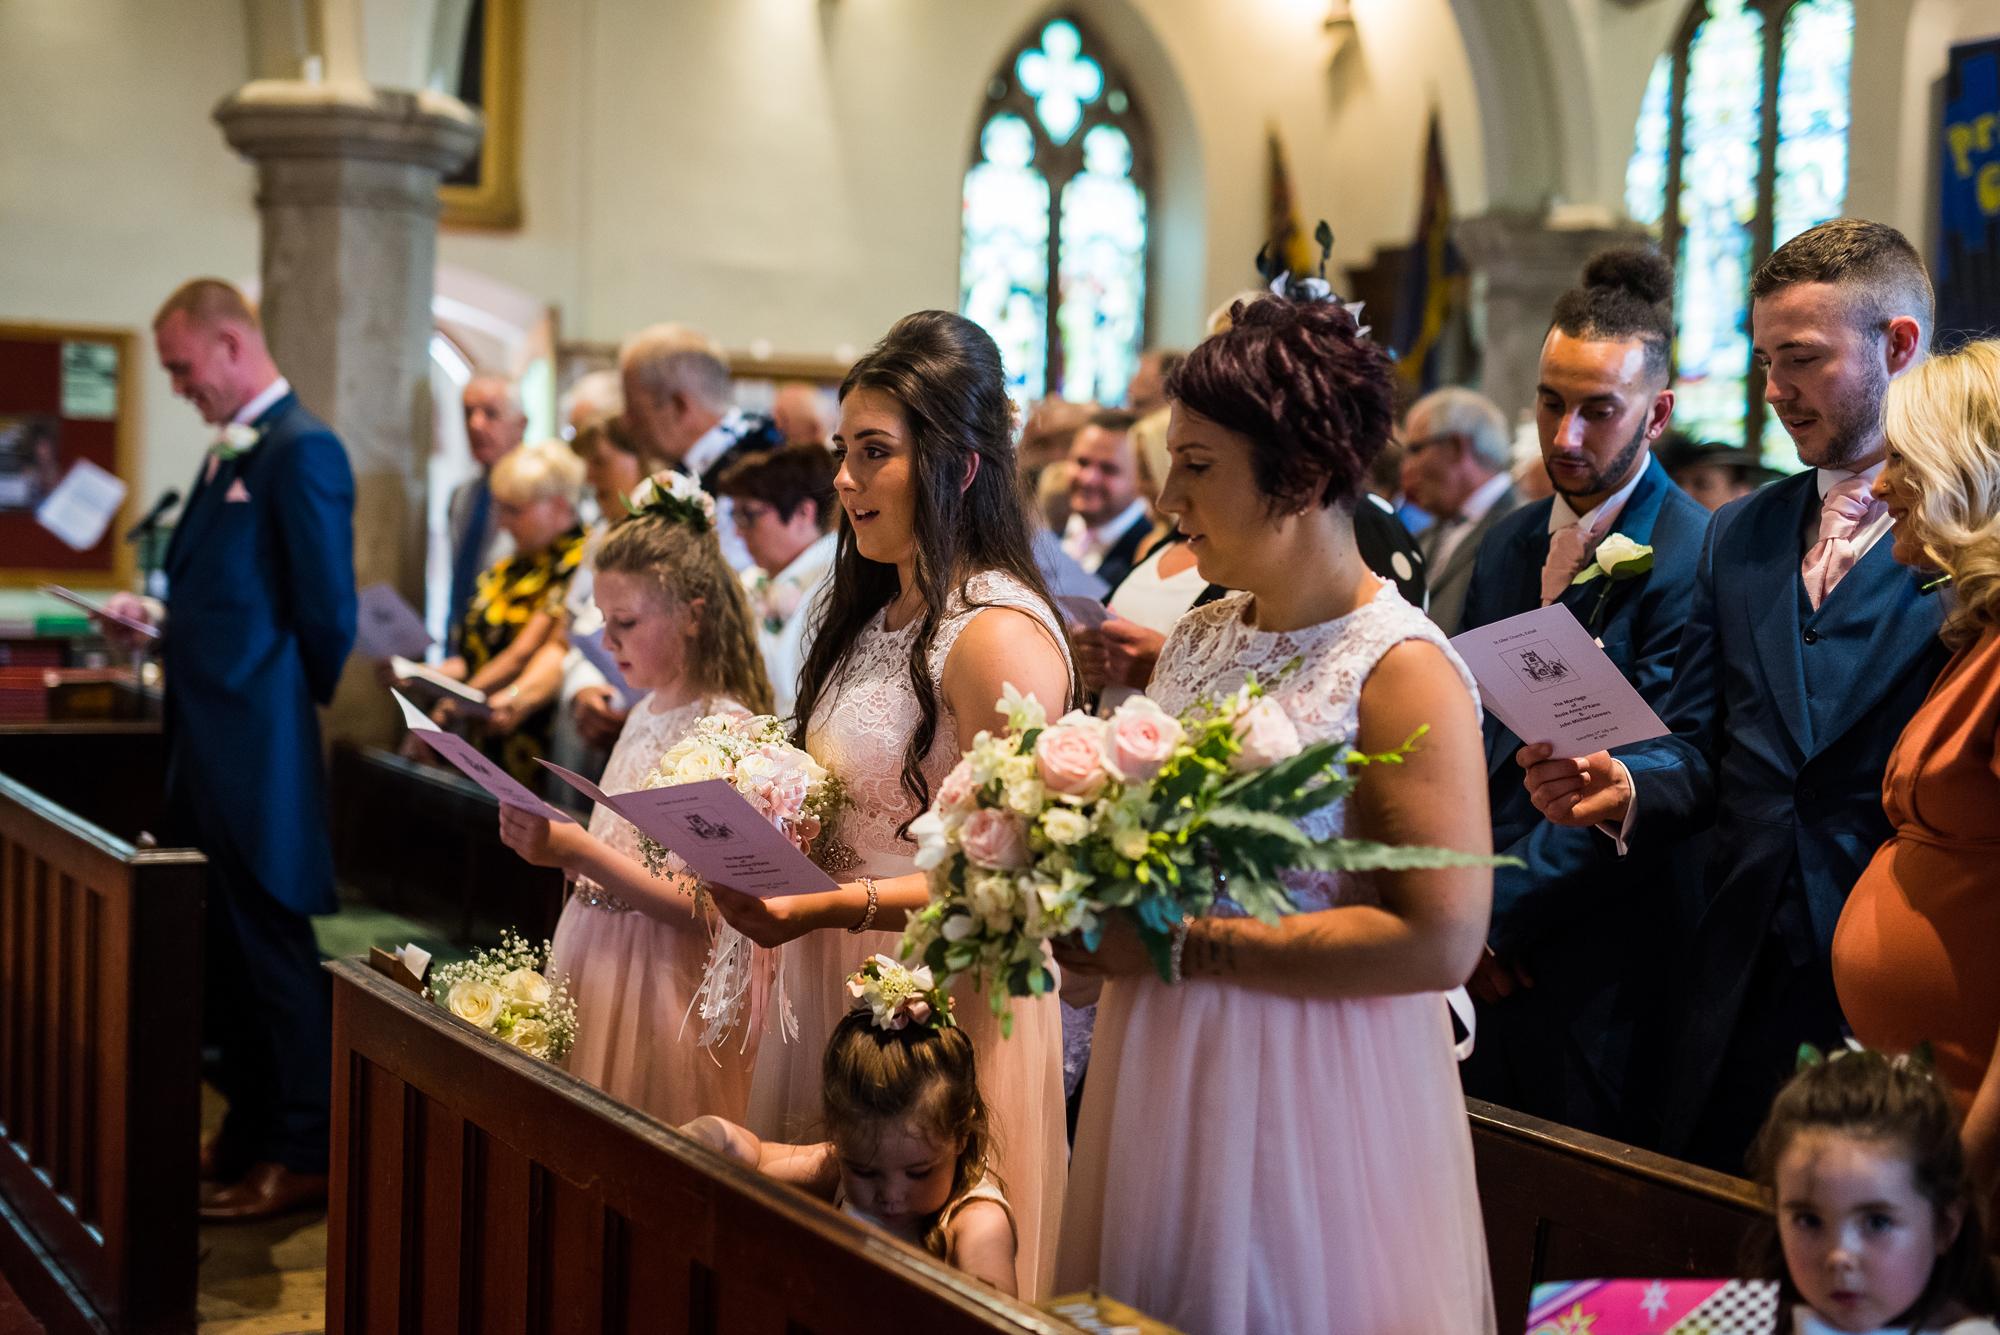 Roise and John wedding photos (139 of 383).jpg